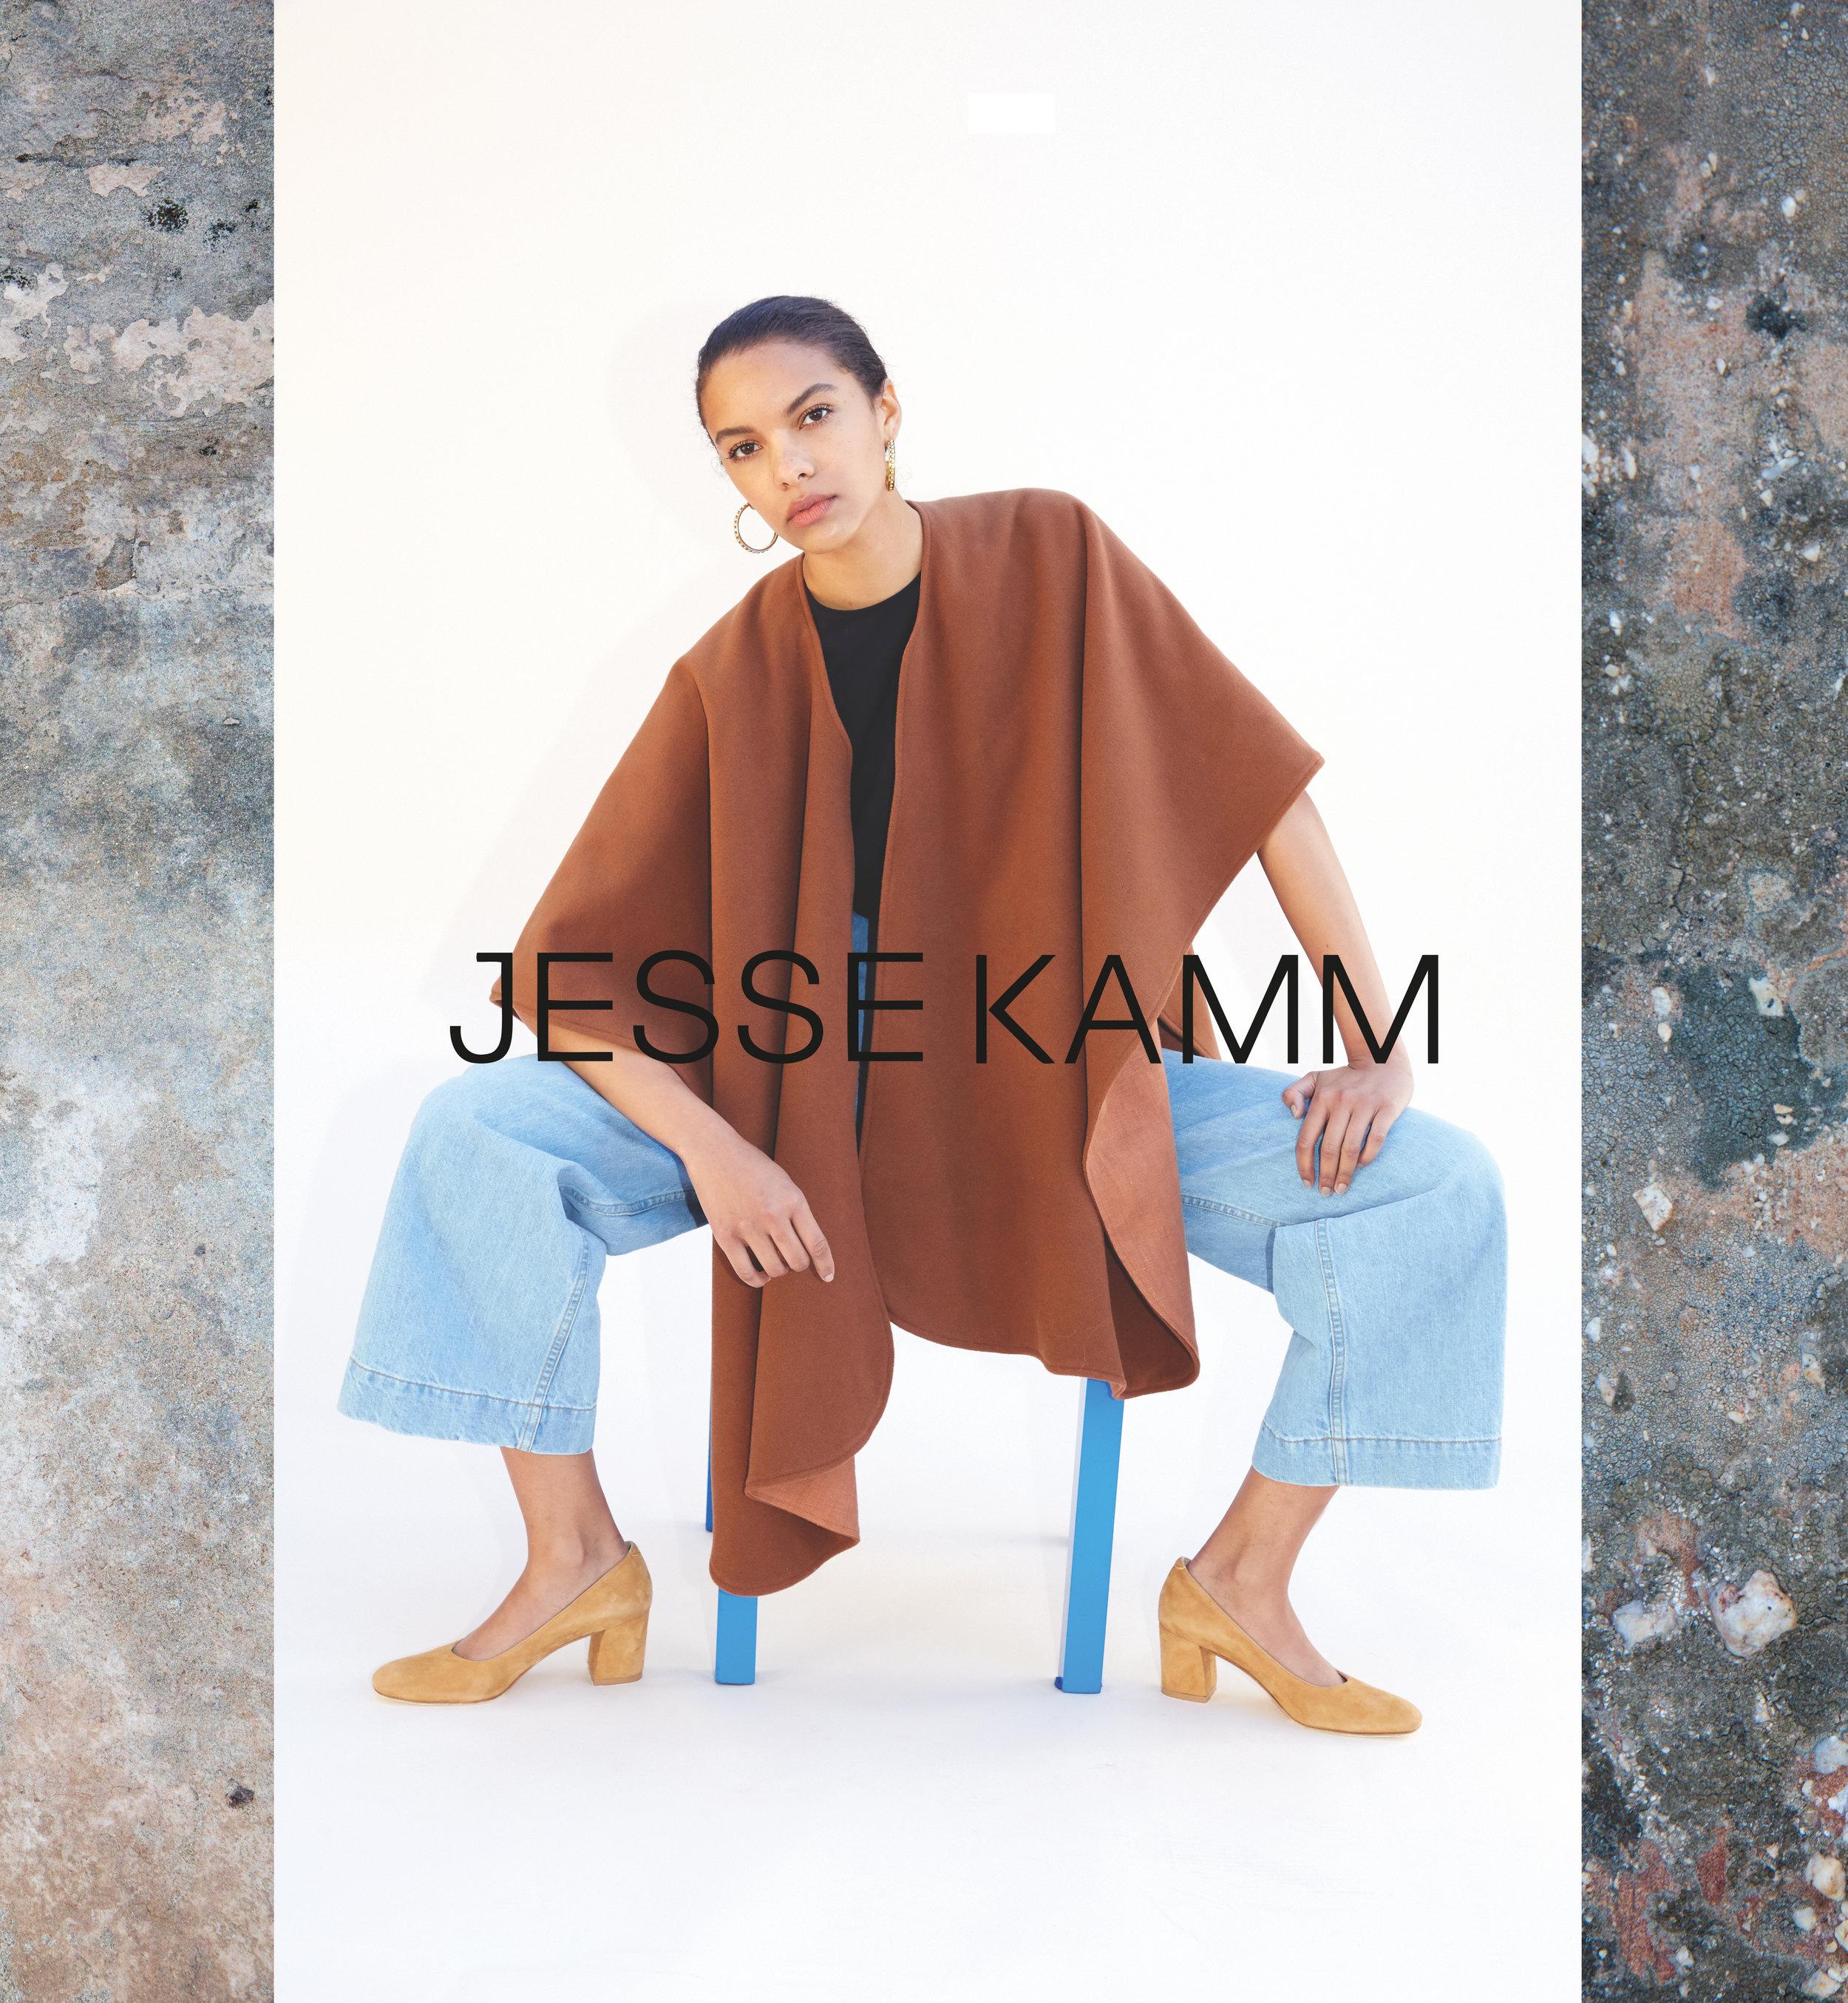 JESSE-KAMM-AW17-1